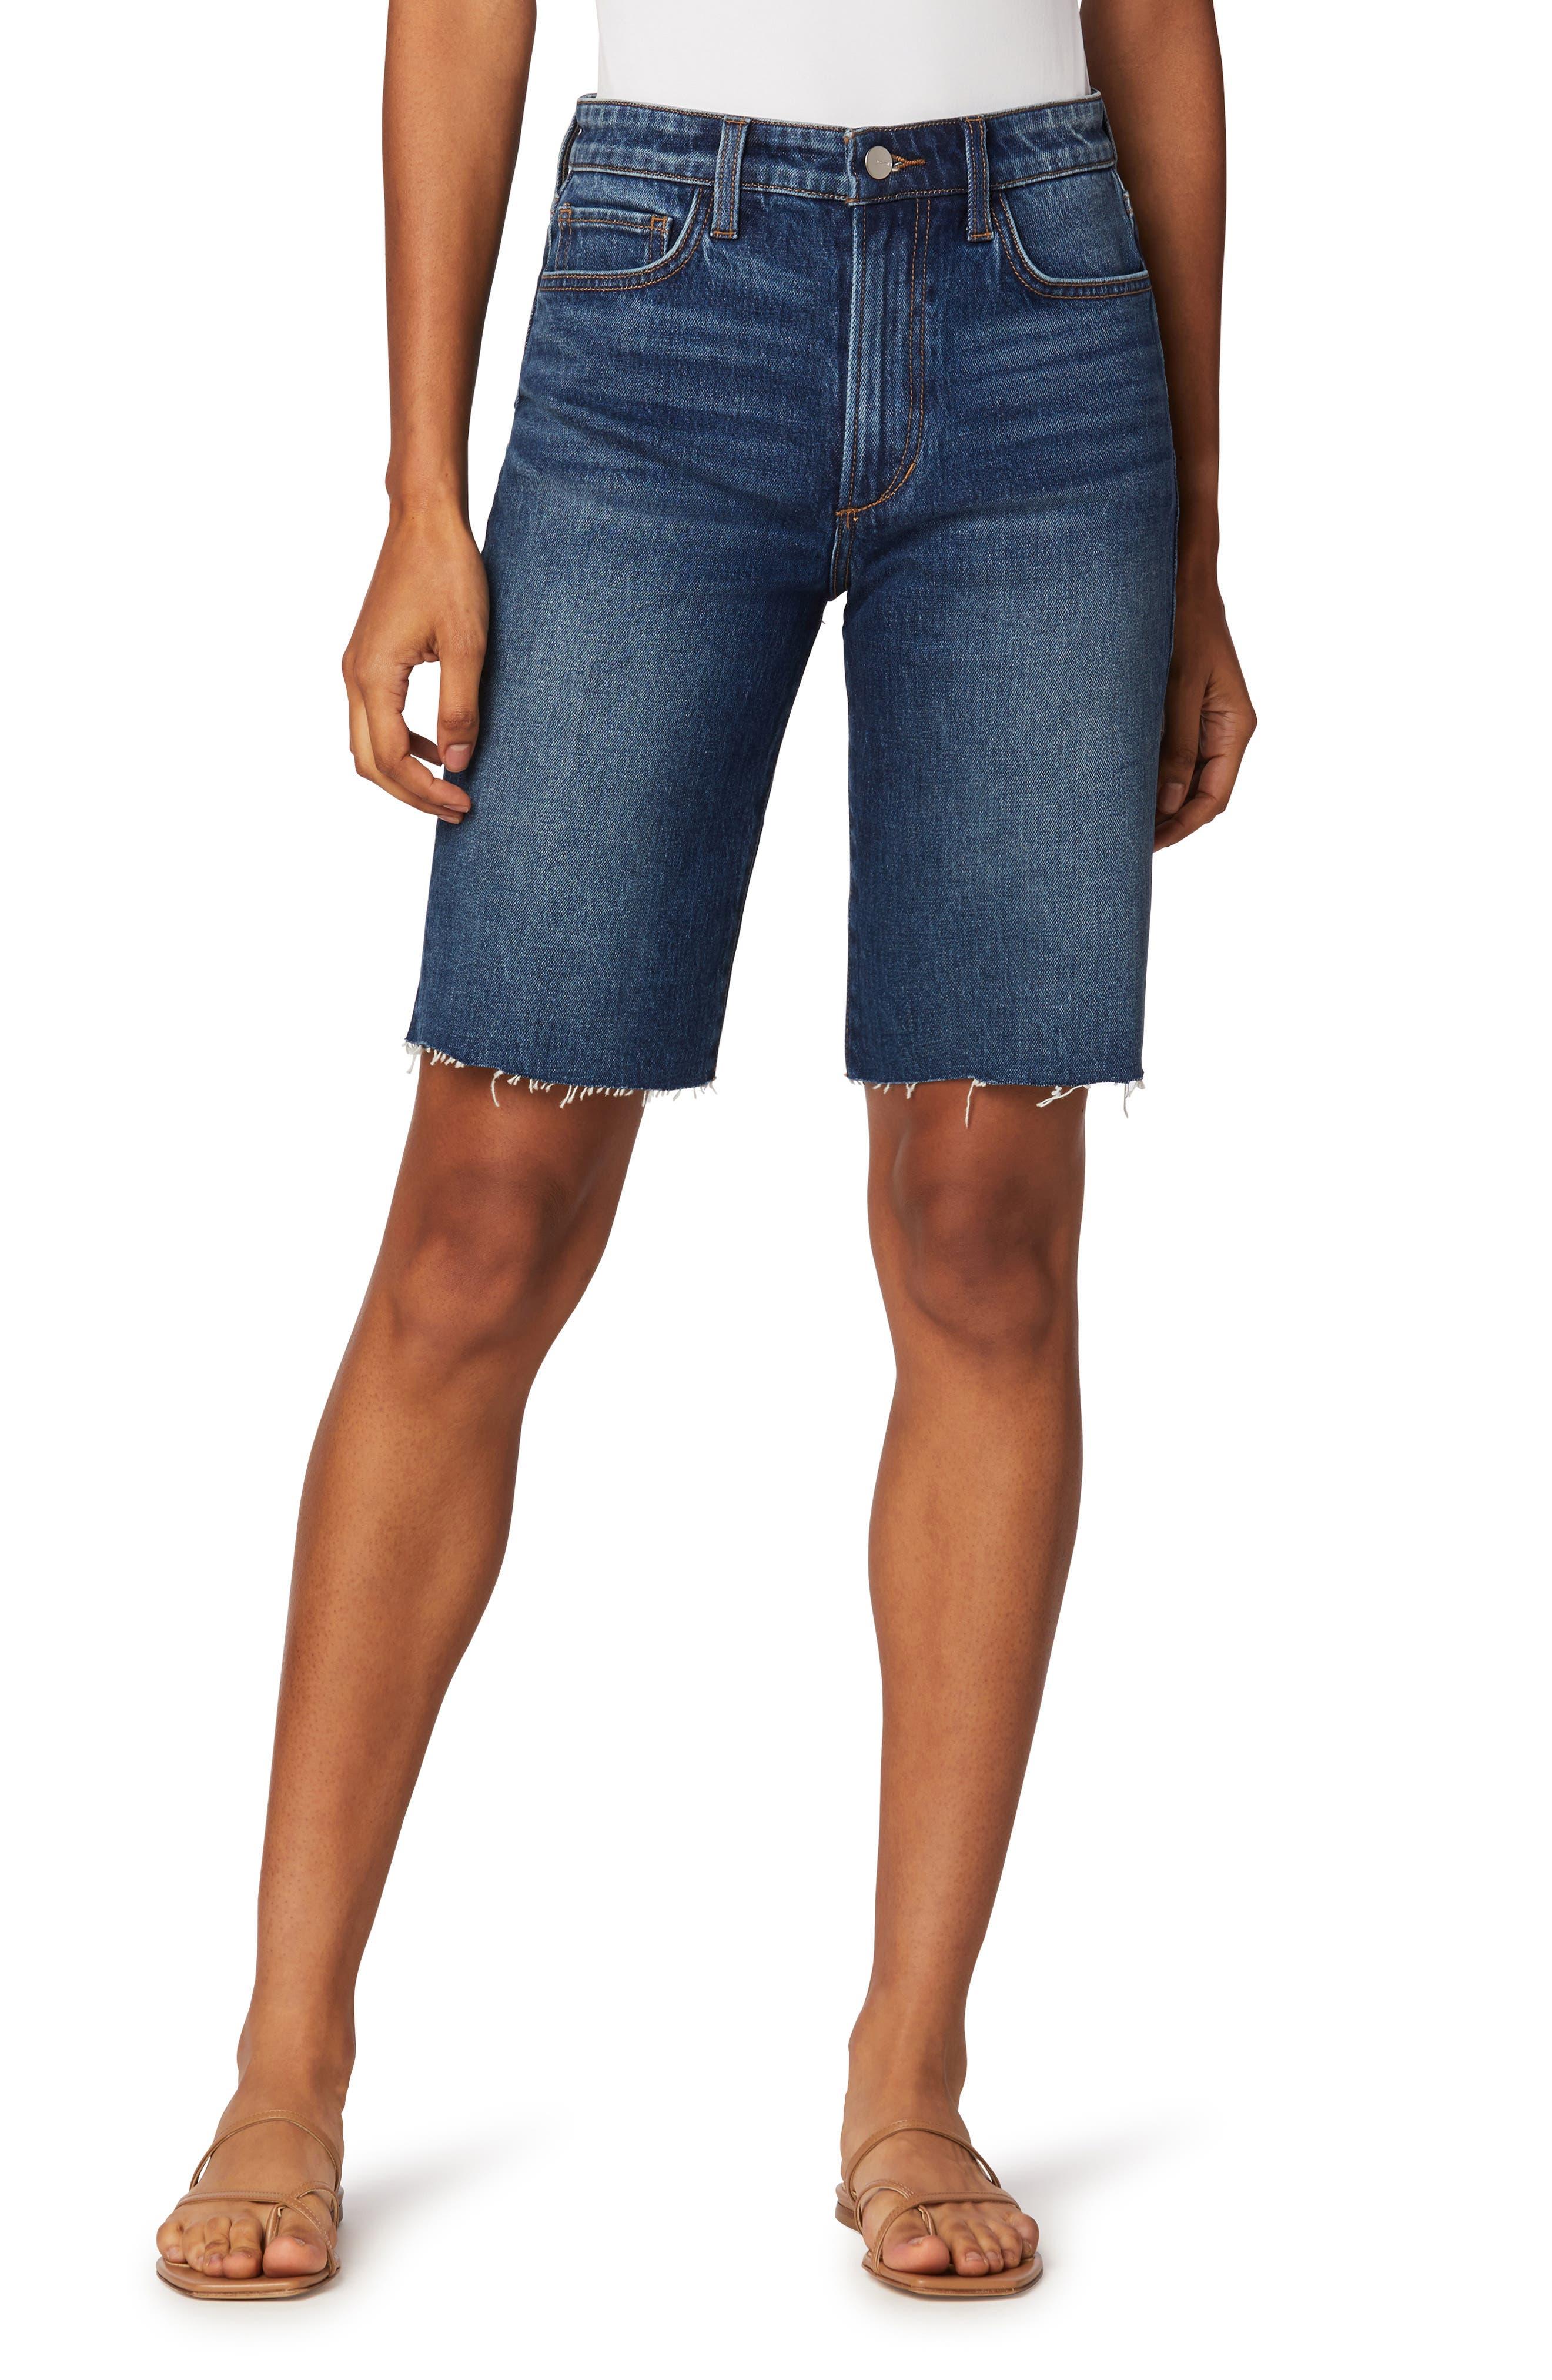 The Luna Bermuda Shorts